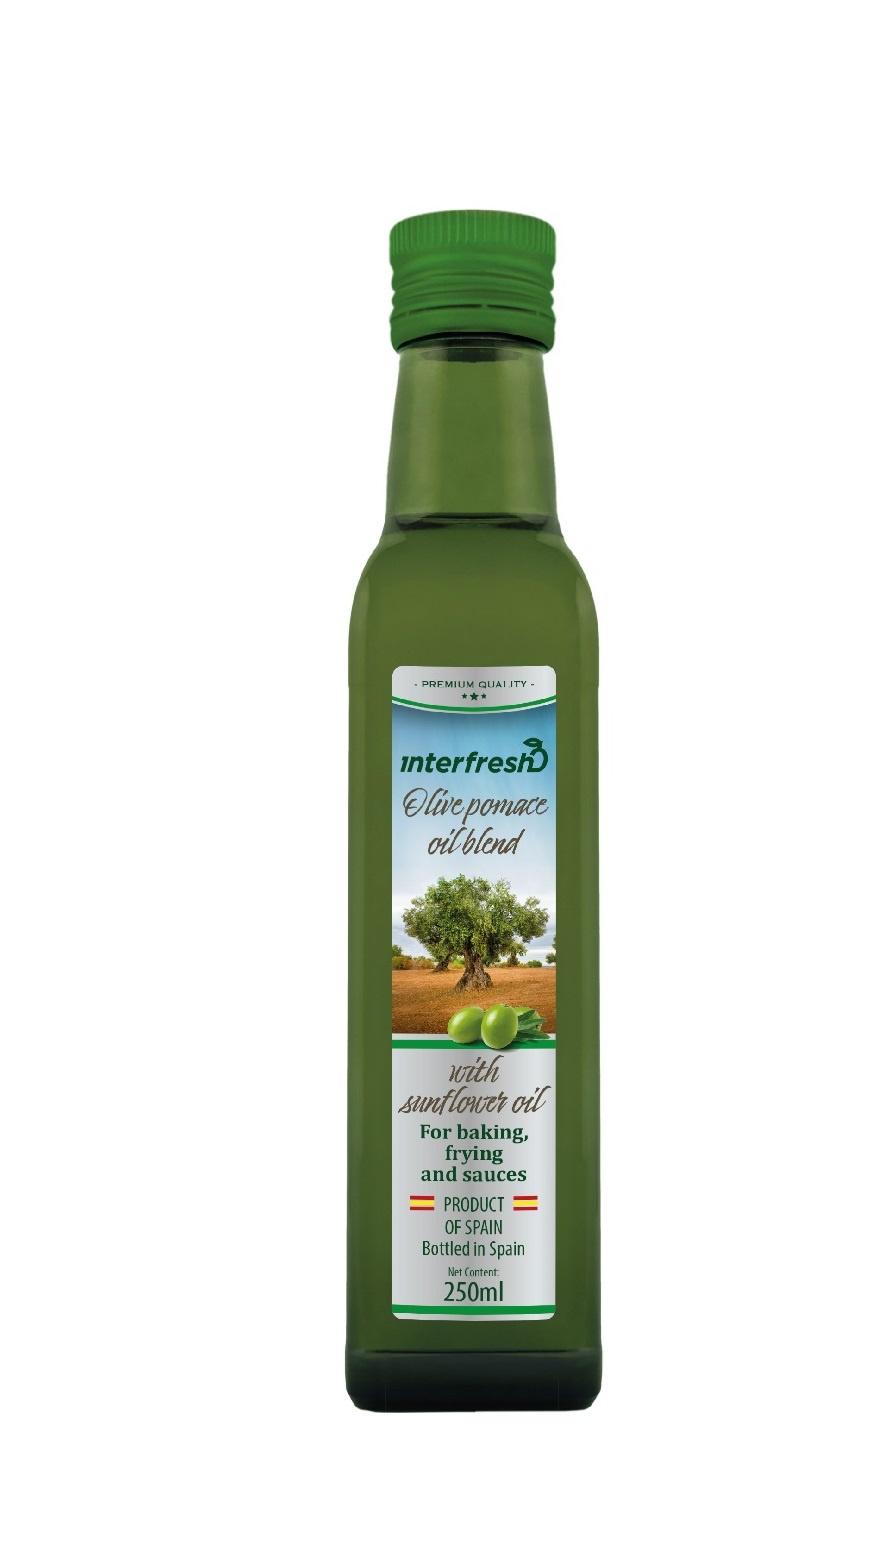 Оливковое масло INTERFRESH 250 мл корзину для жарки во фритюре